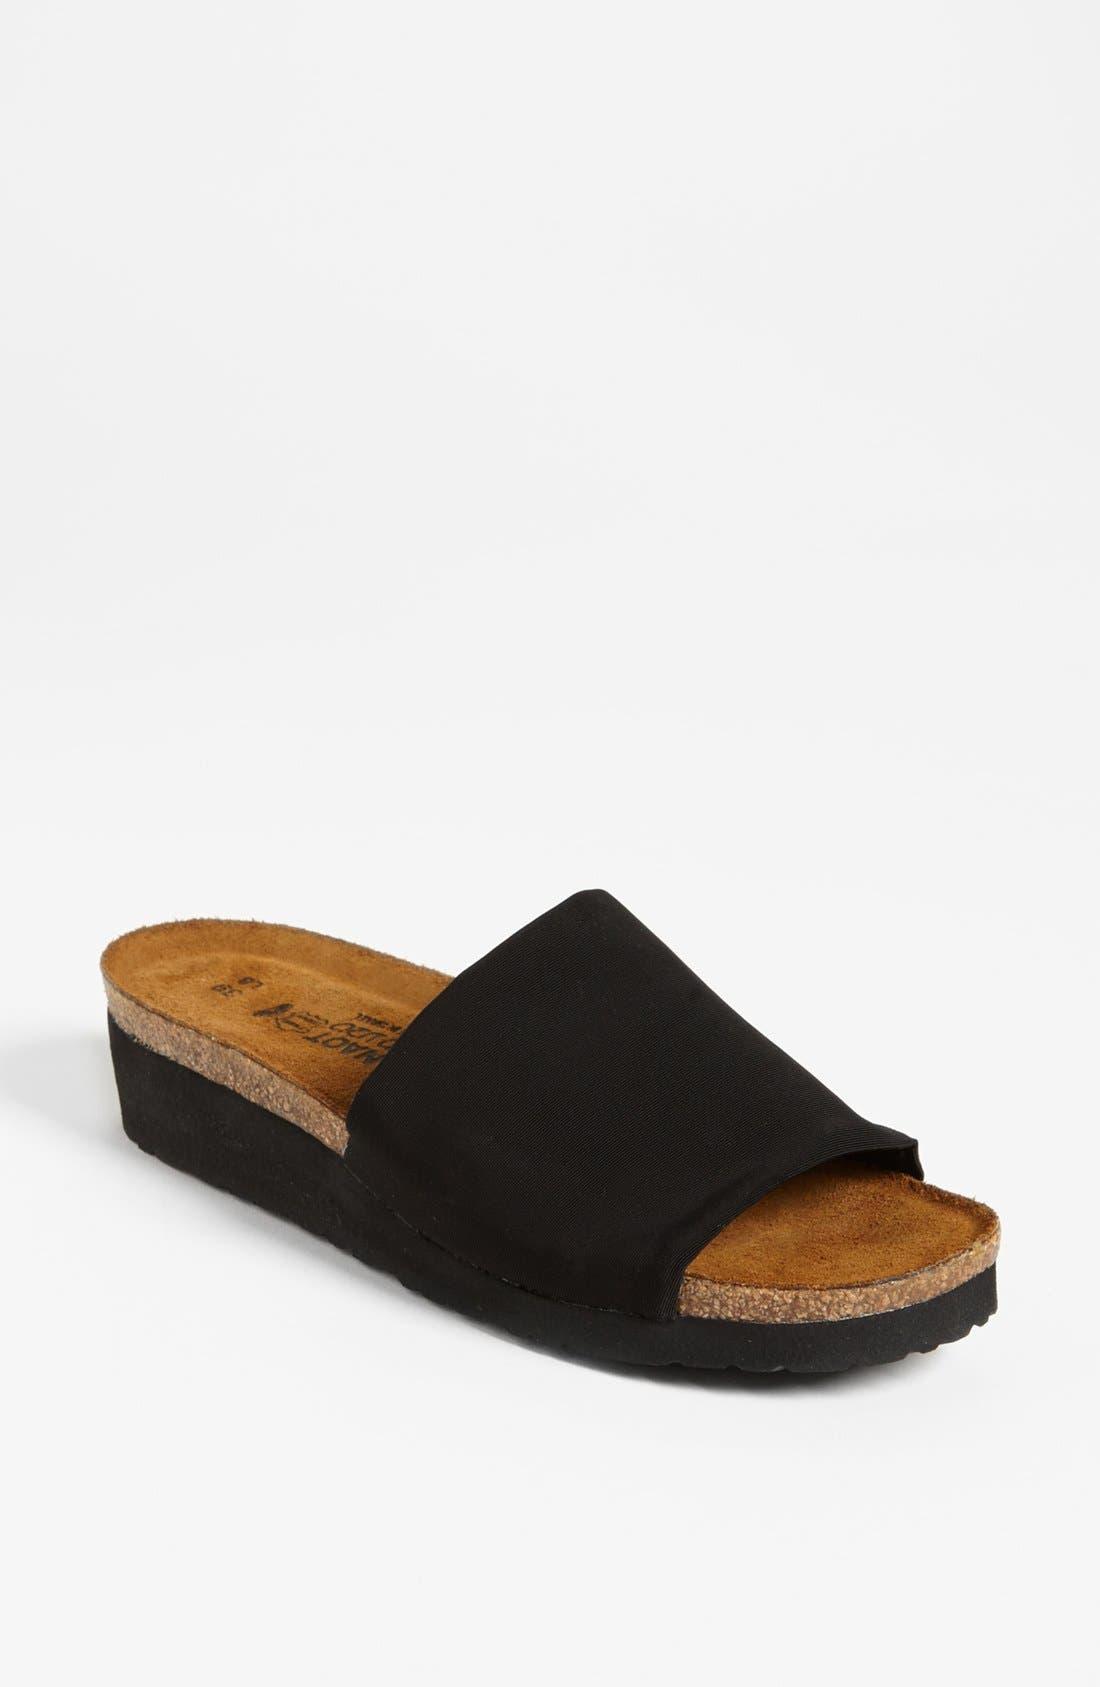 Main Image - Naot 'Alana' Sandal